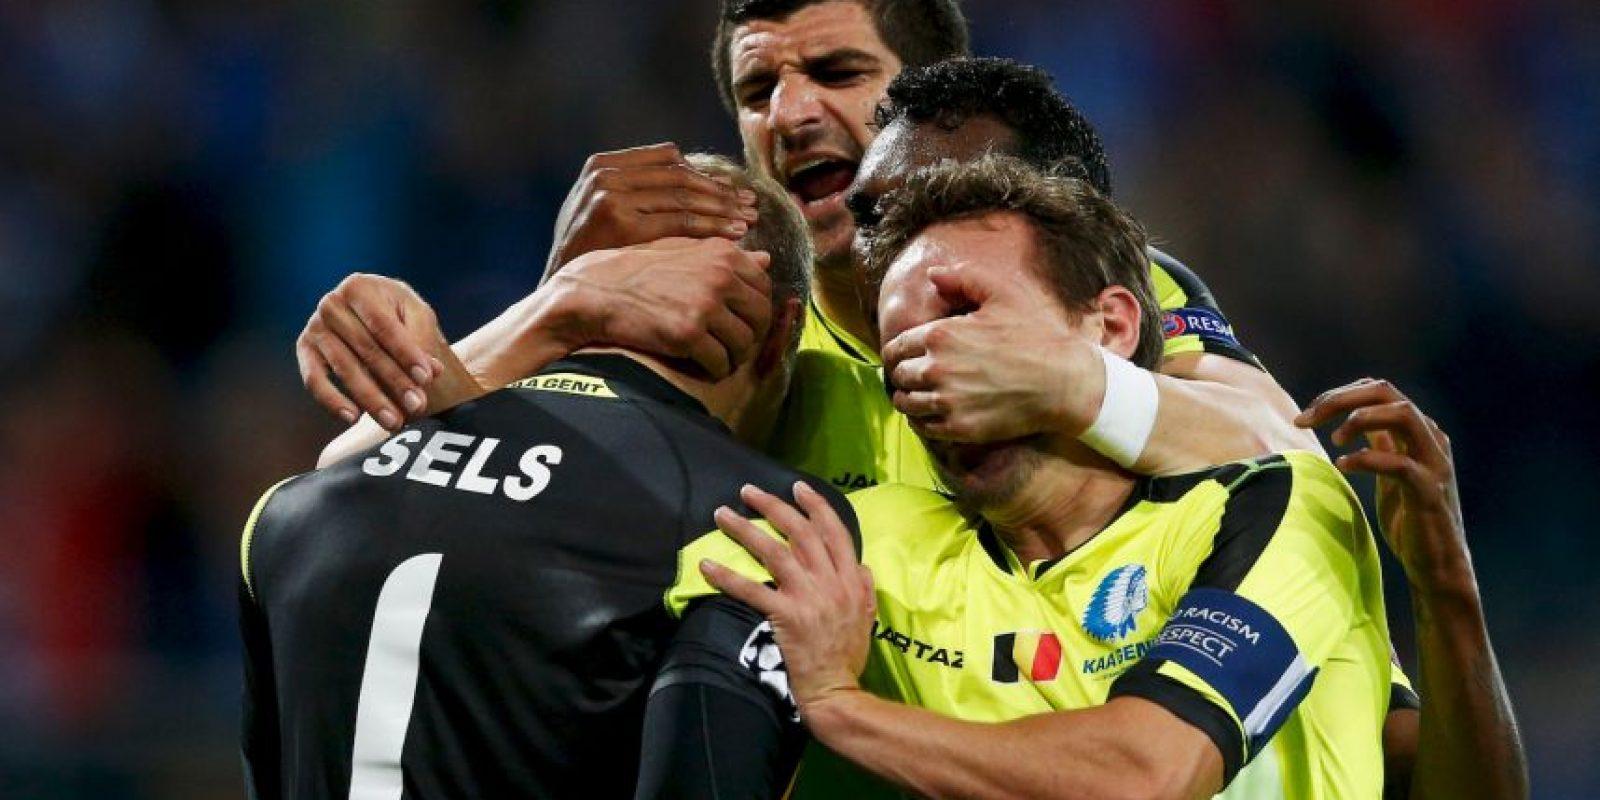 El combinado belga debe vencer al Zenit para asegurar su pase a ocatvos Foto:Getty Images